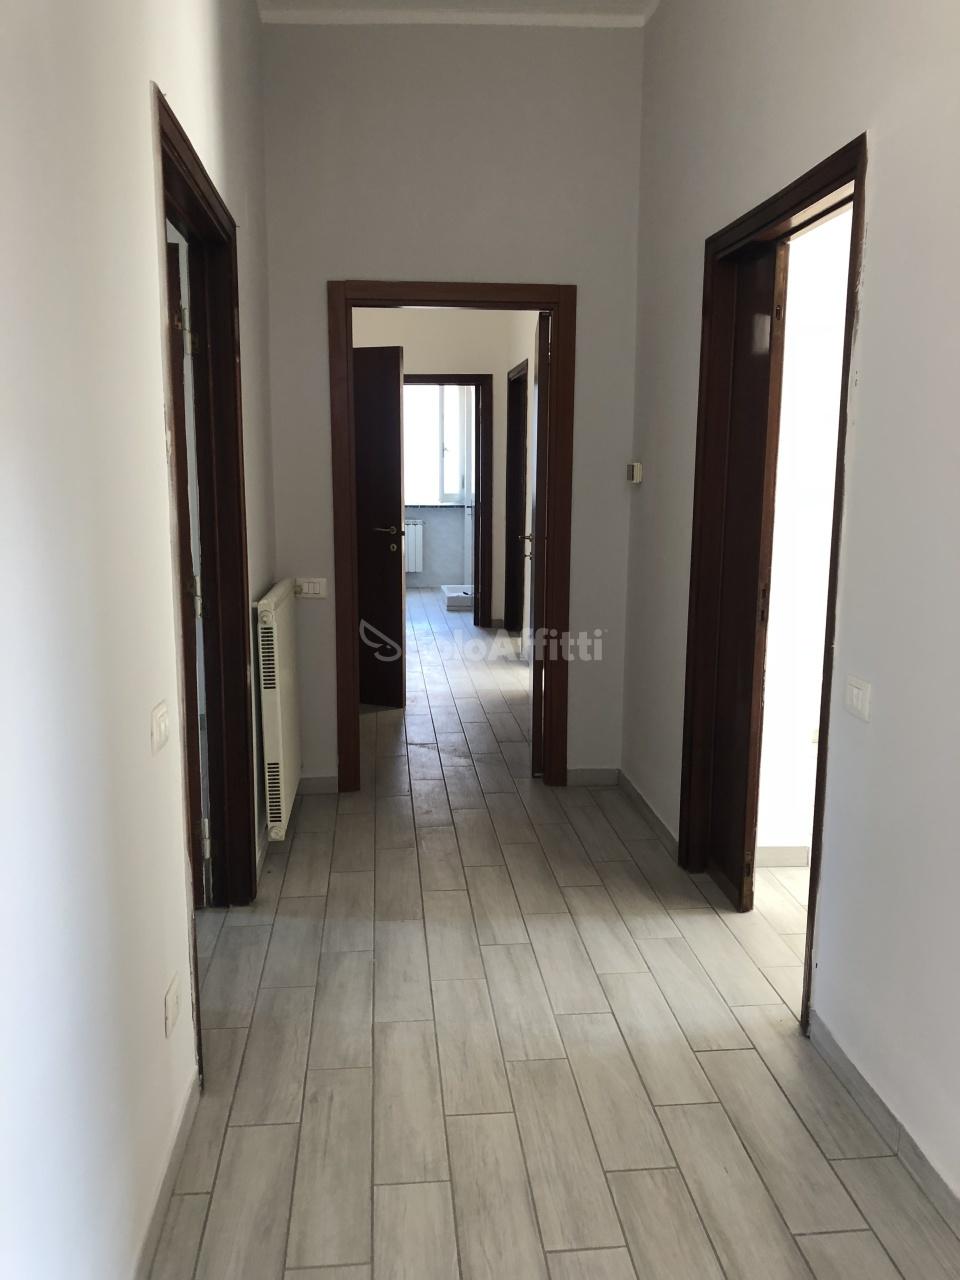 Appartamento - Quadrilocale a Borgo Rivo, Terni